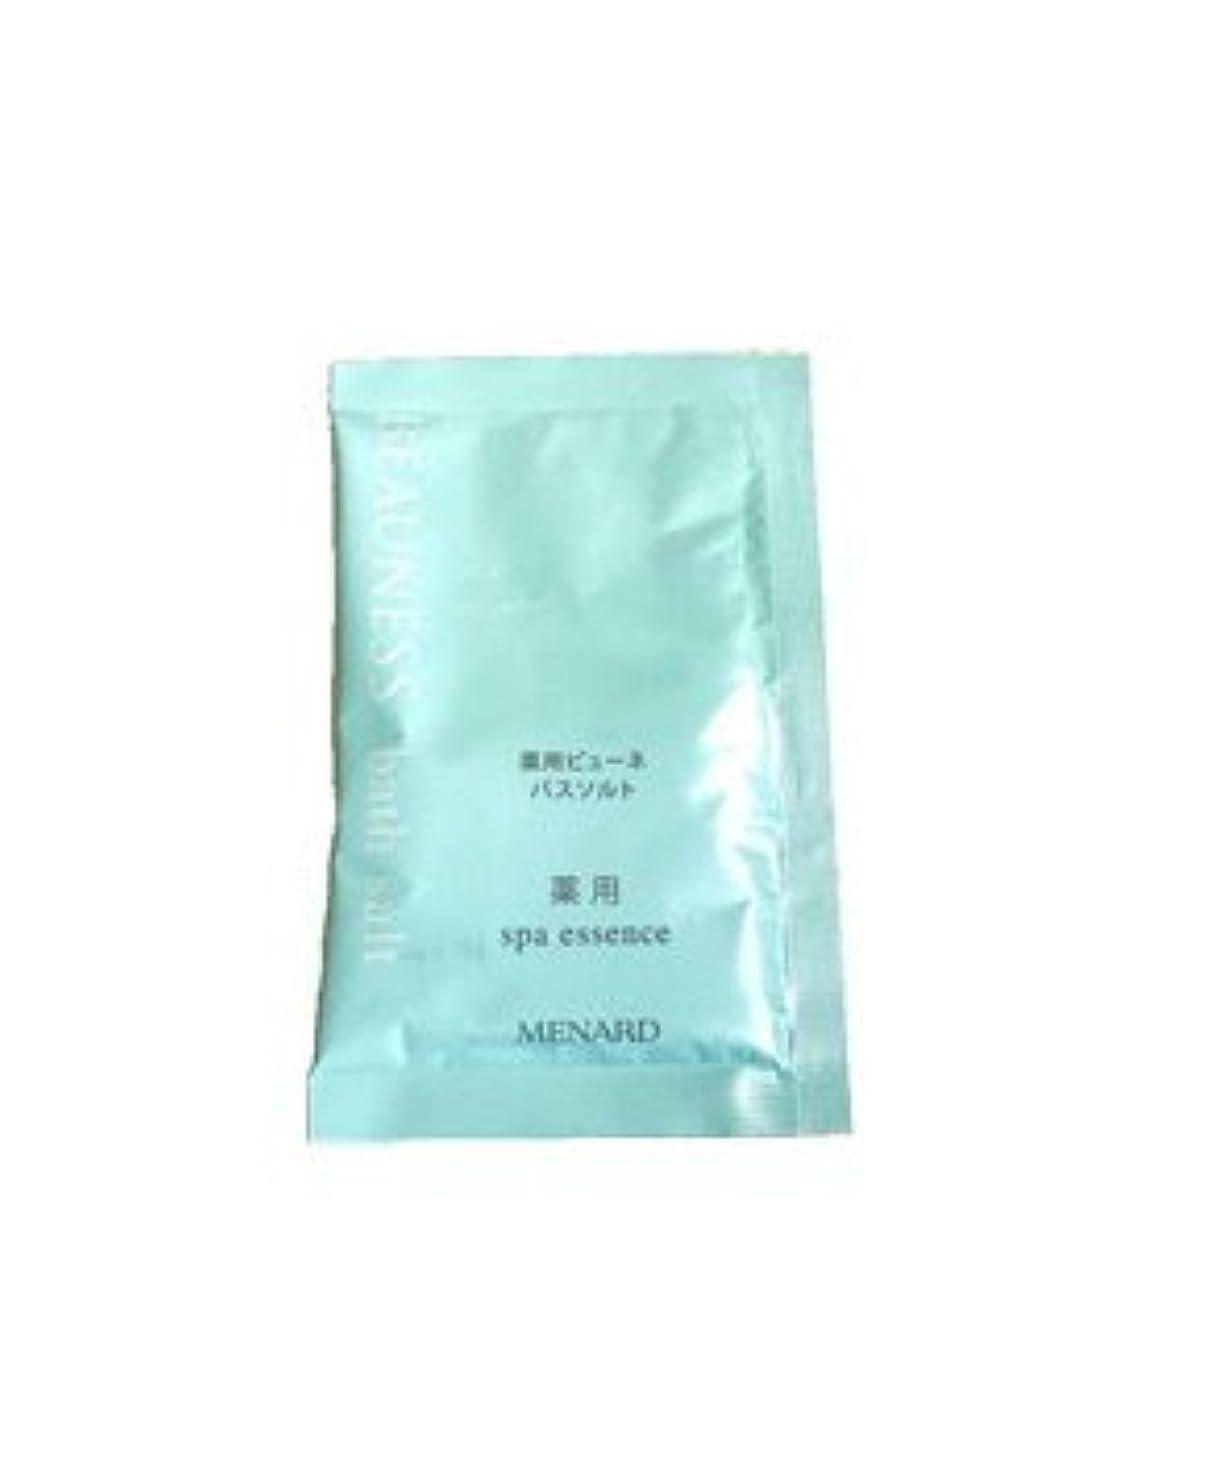 暗くする悪いおびえたメナード 薬用ビューネ バスソルト 20g×1包入 (並行輸入品)